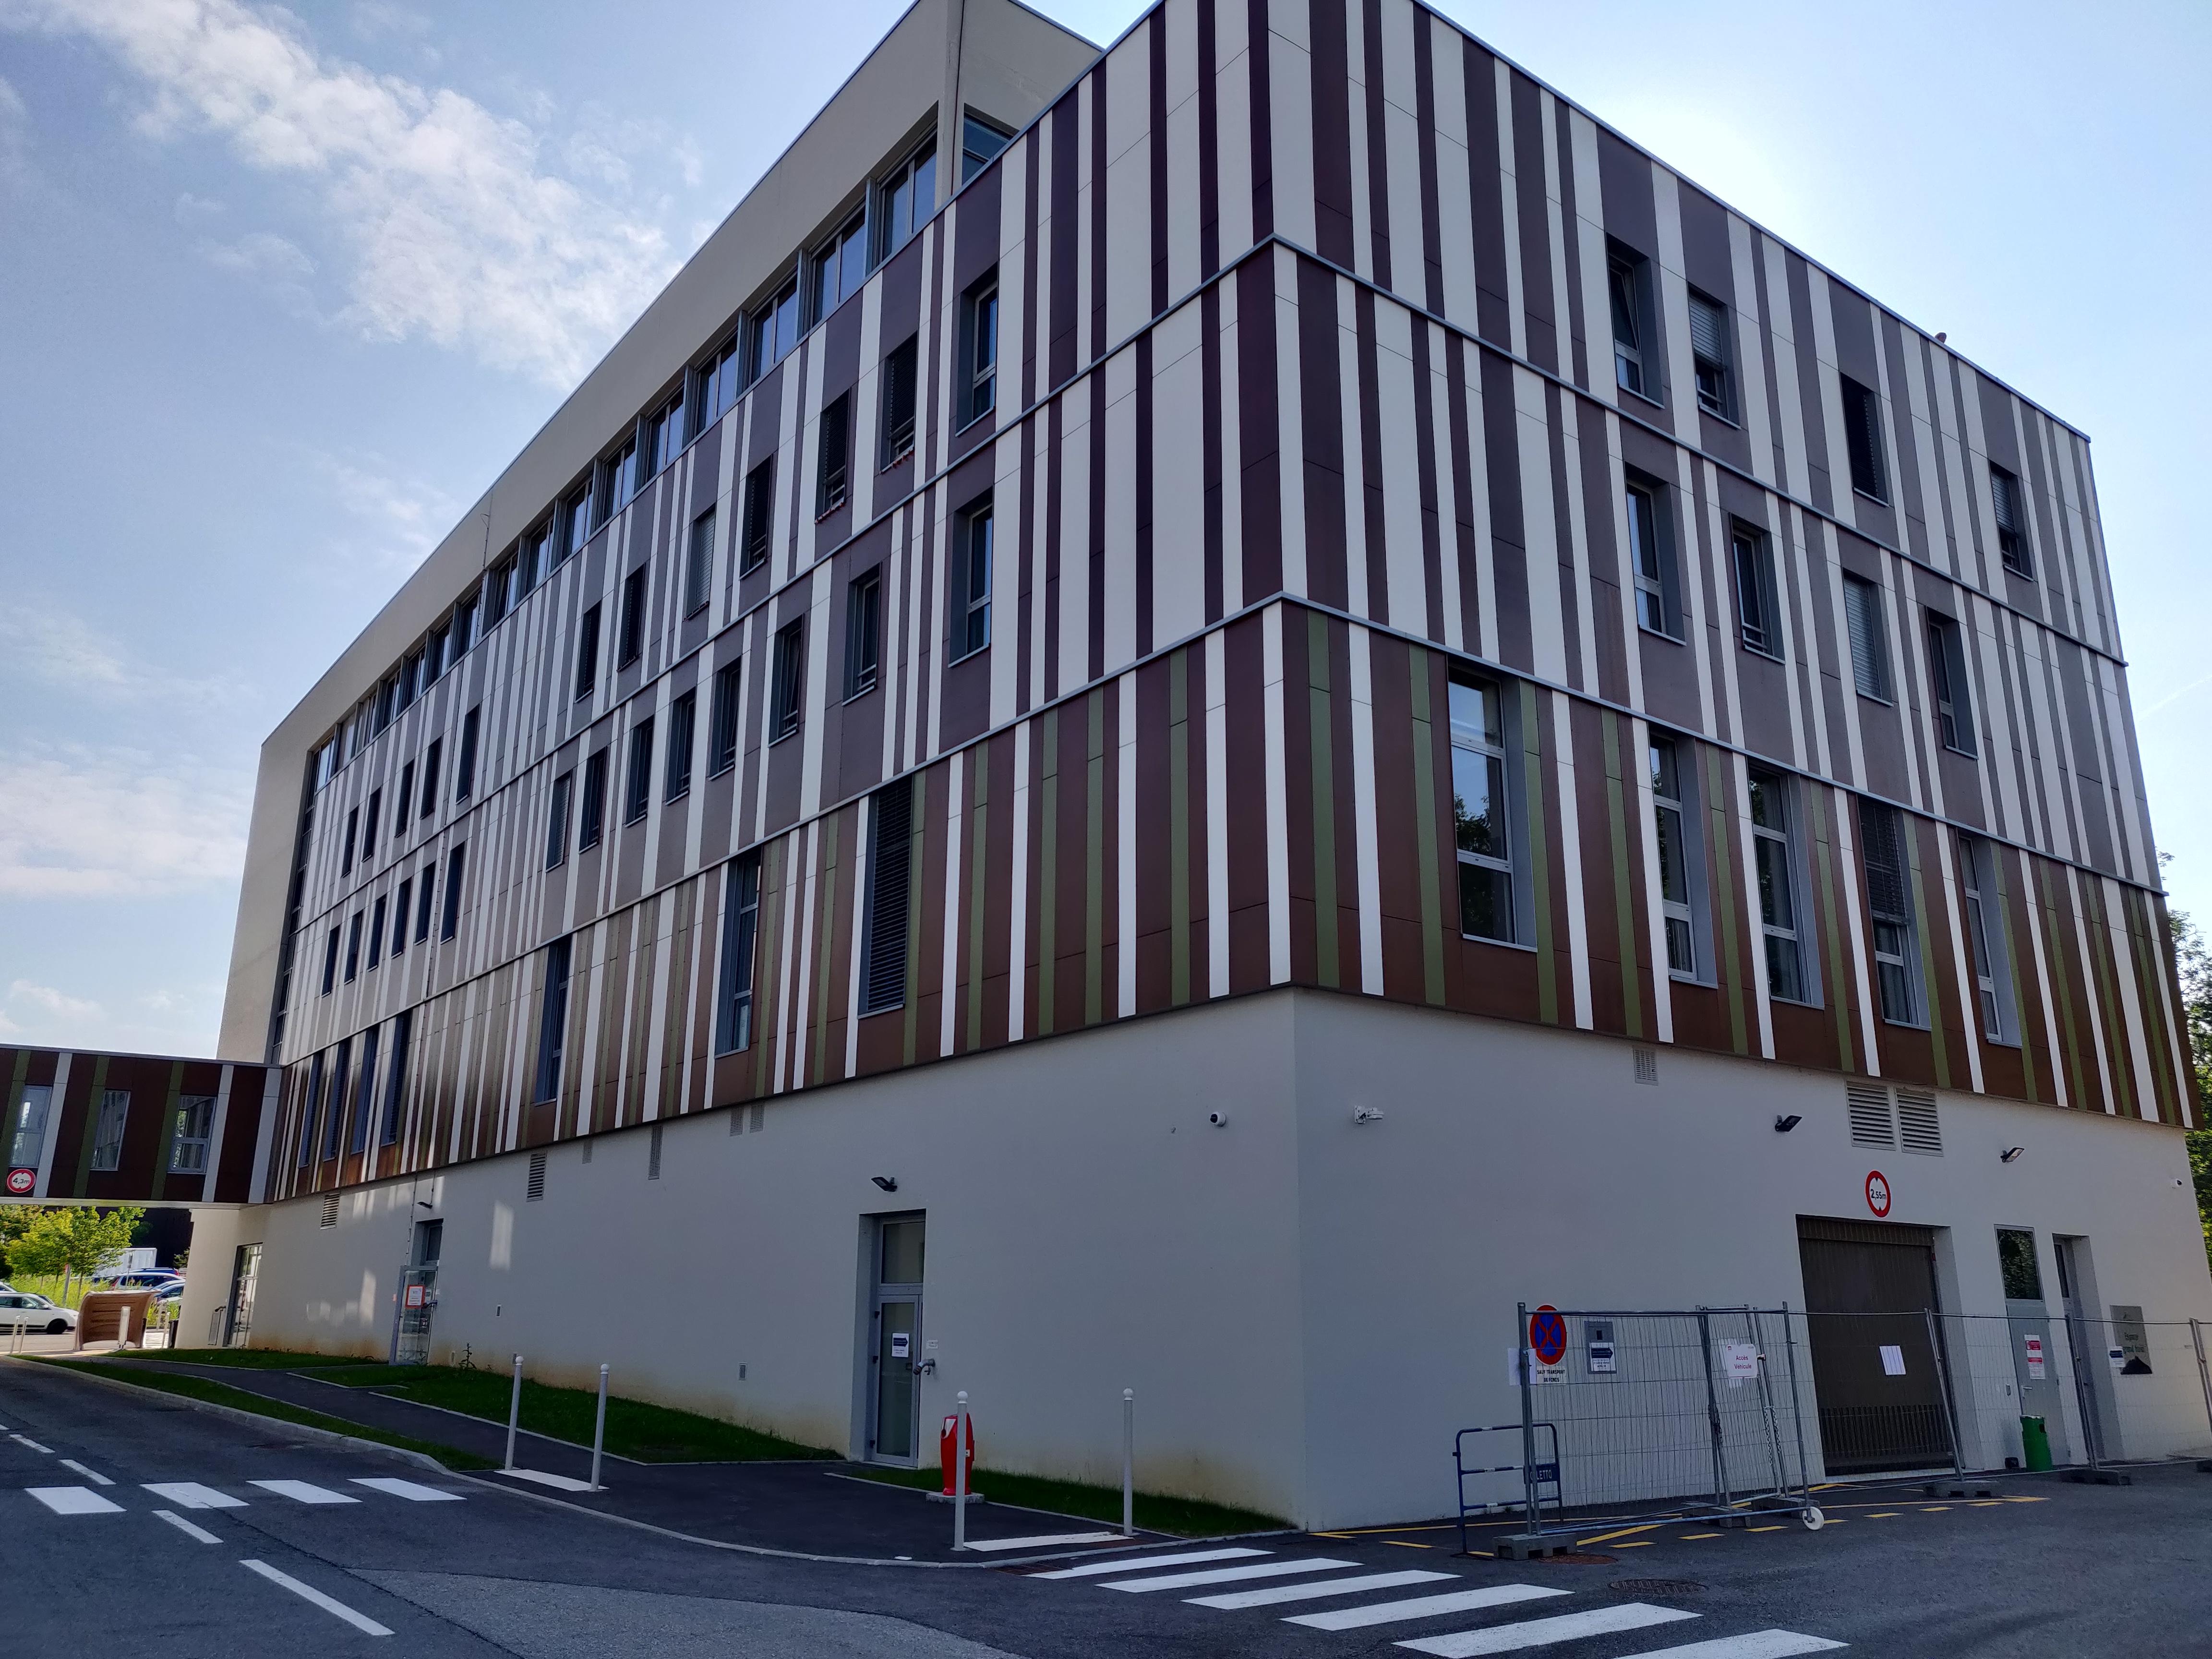 EXTENSION DU CENTRE HOSPITALIER ALPES LEMAN